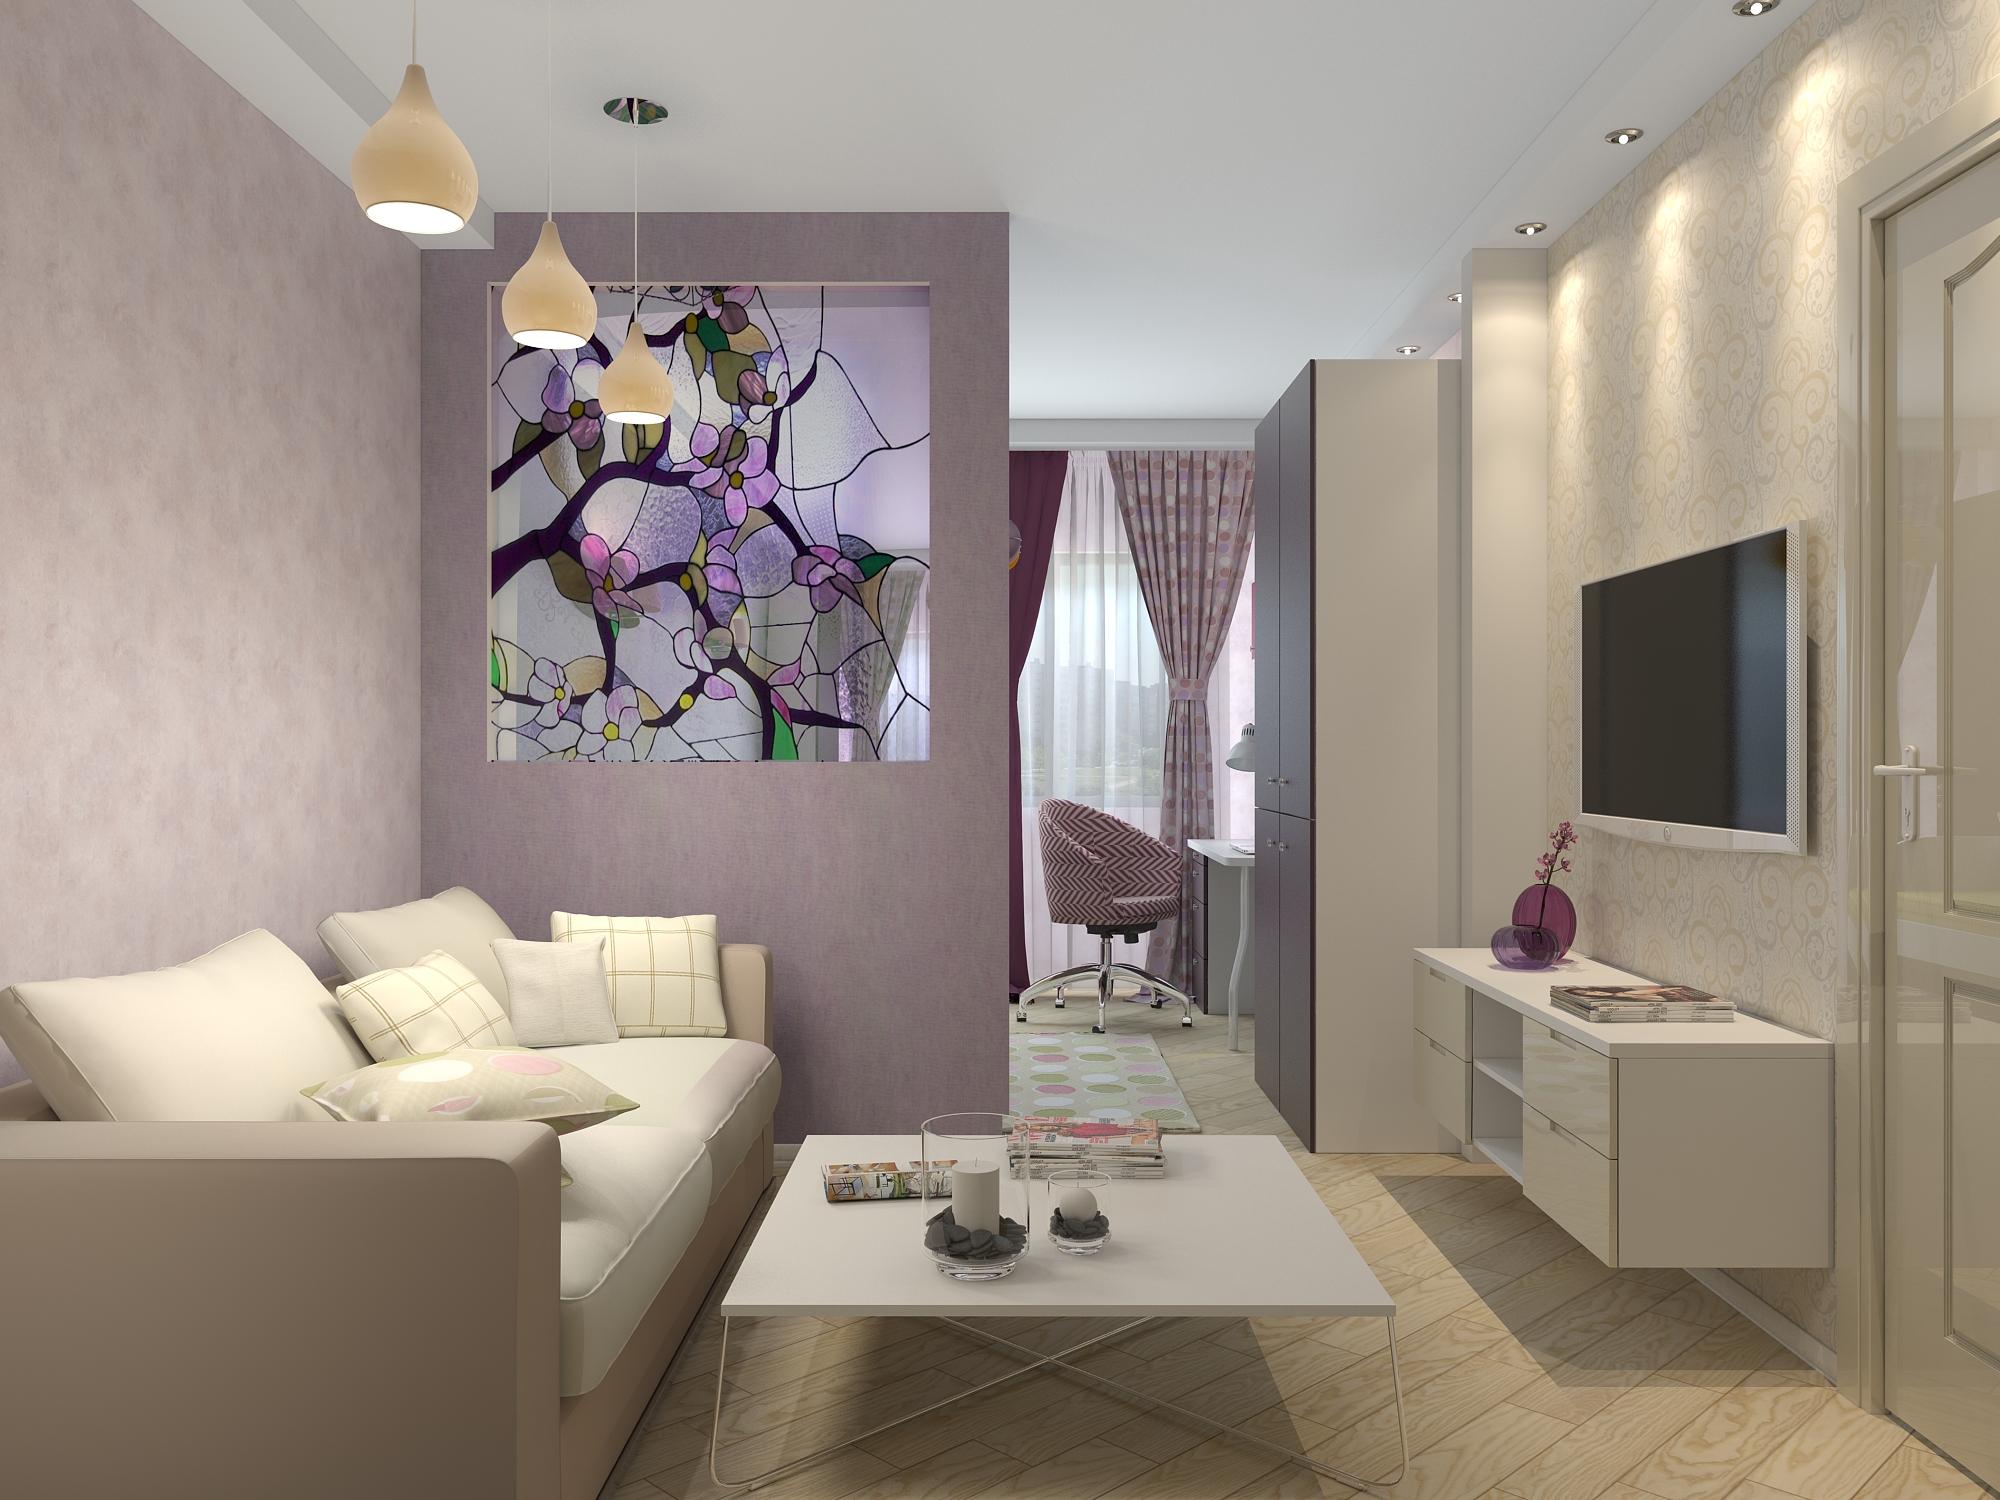 Особенности оформление интерьера гостиной малогабаритной квартиры